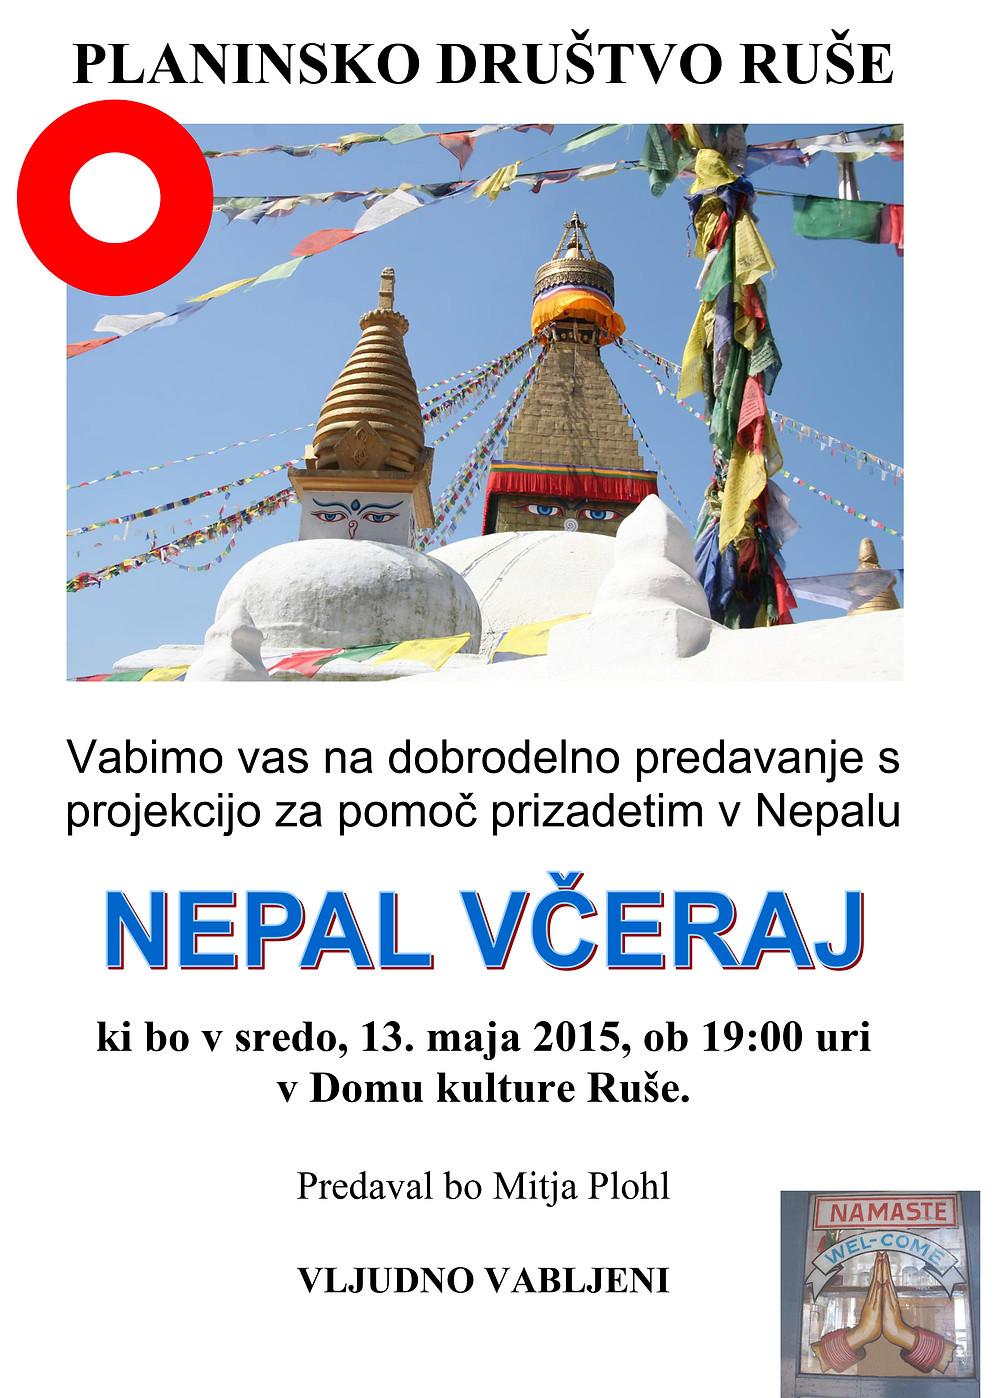 A3 plakat dobrodelno predavanje po potresu 2015.jpg